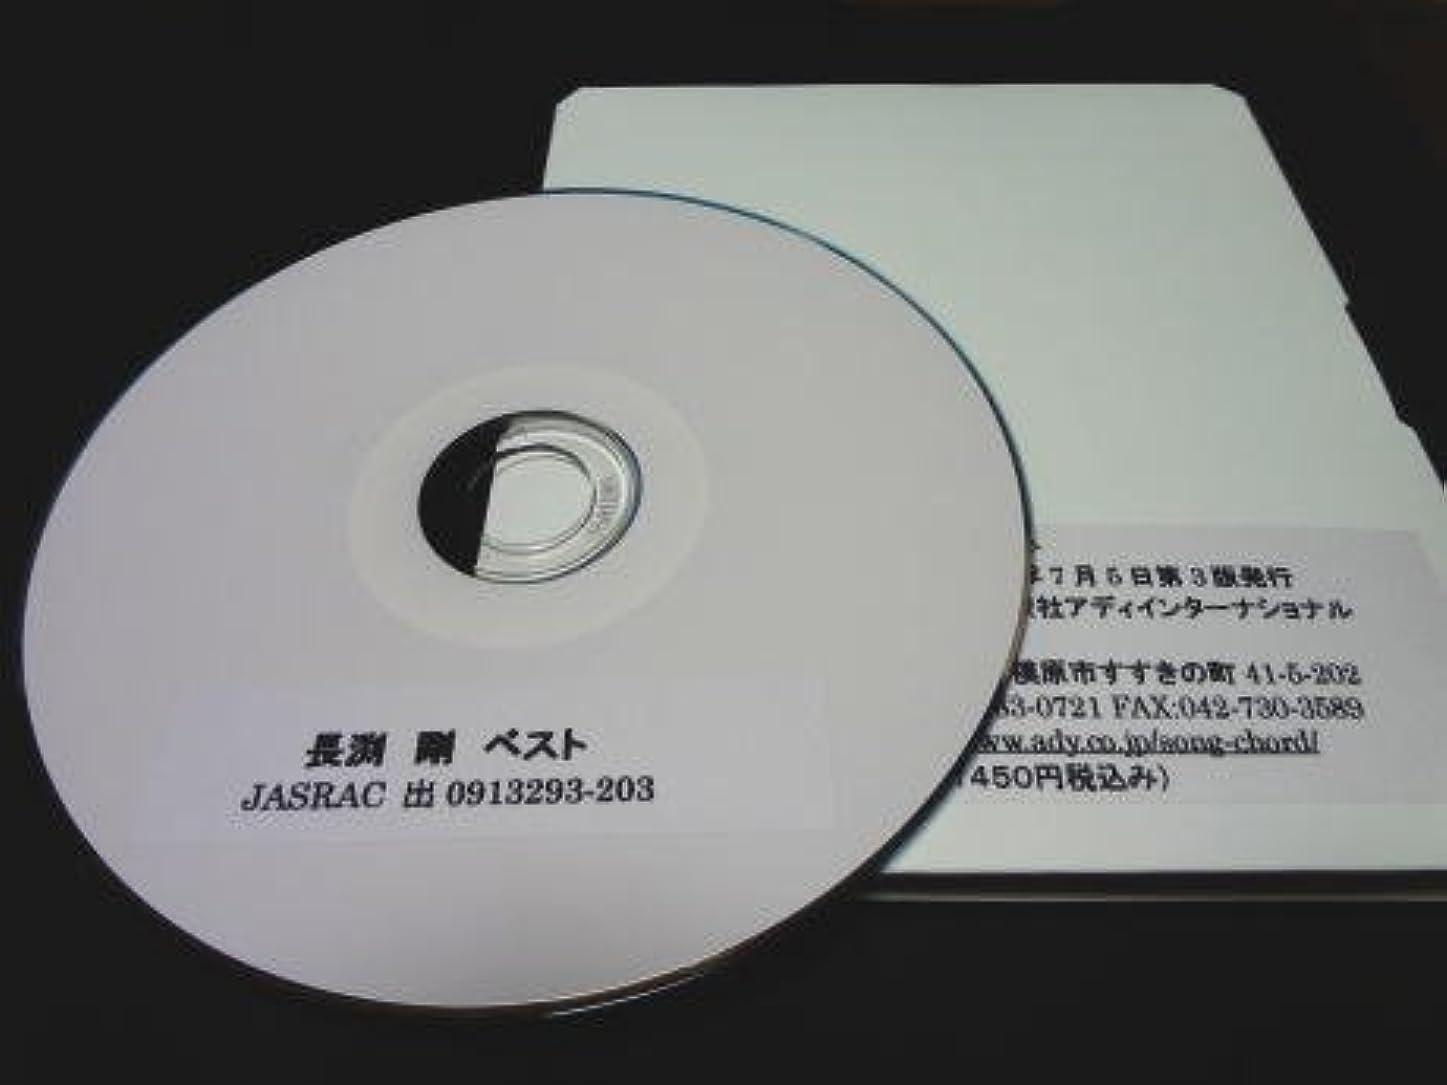 アデレード帆適切にギターコード譜シリーズ(CD-R版) 長渕 剛 ベスト (アルバム「Stay Alive」収録 全187曲)